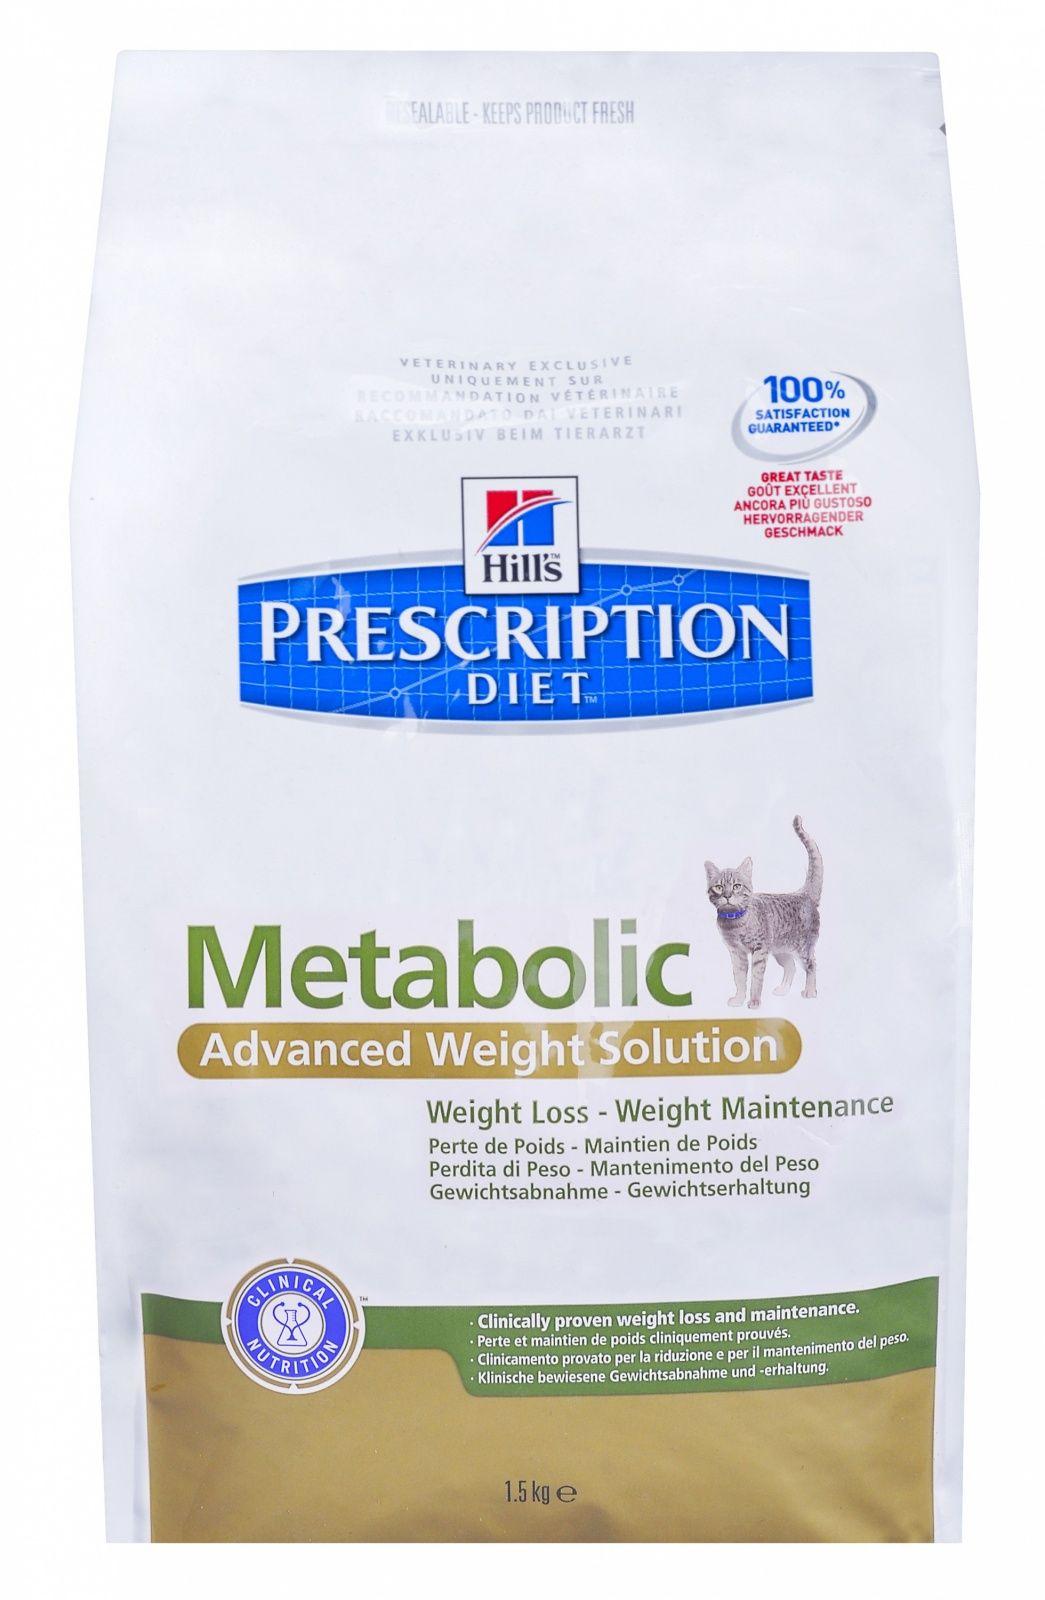 Диетический корм Hill's Metabolic для Кошек - Улучшение метаболизма (коррекция веса), 1,5кг от Ravta